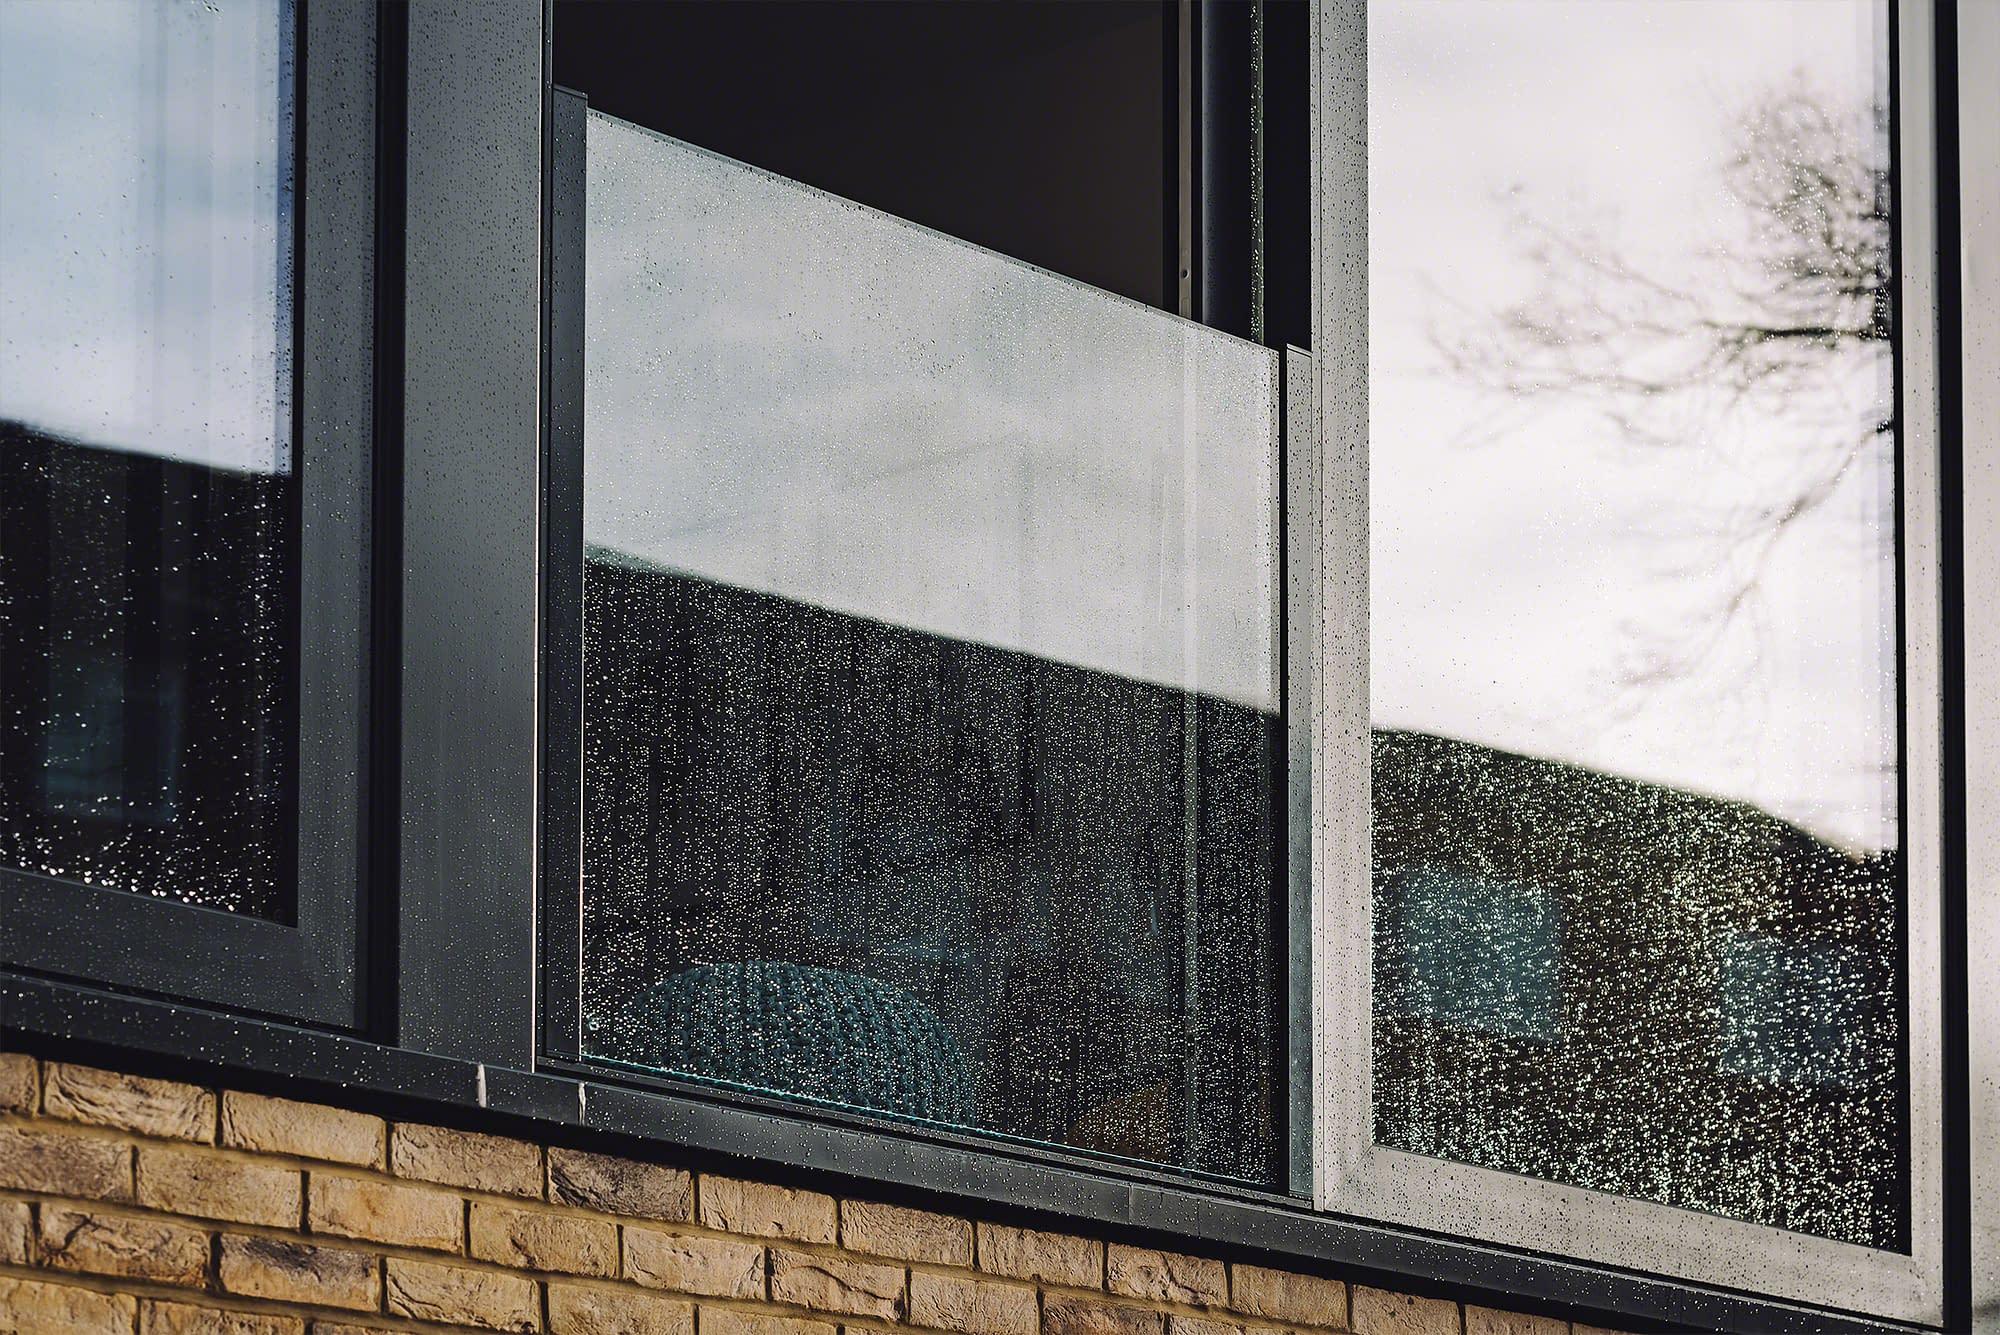 Frameless Easy Glass View Juliet Balcony on Modern Home